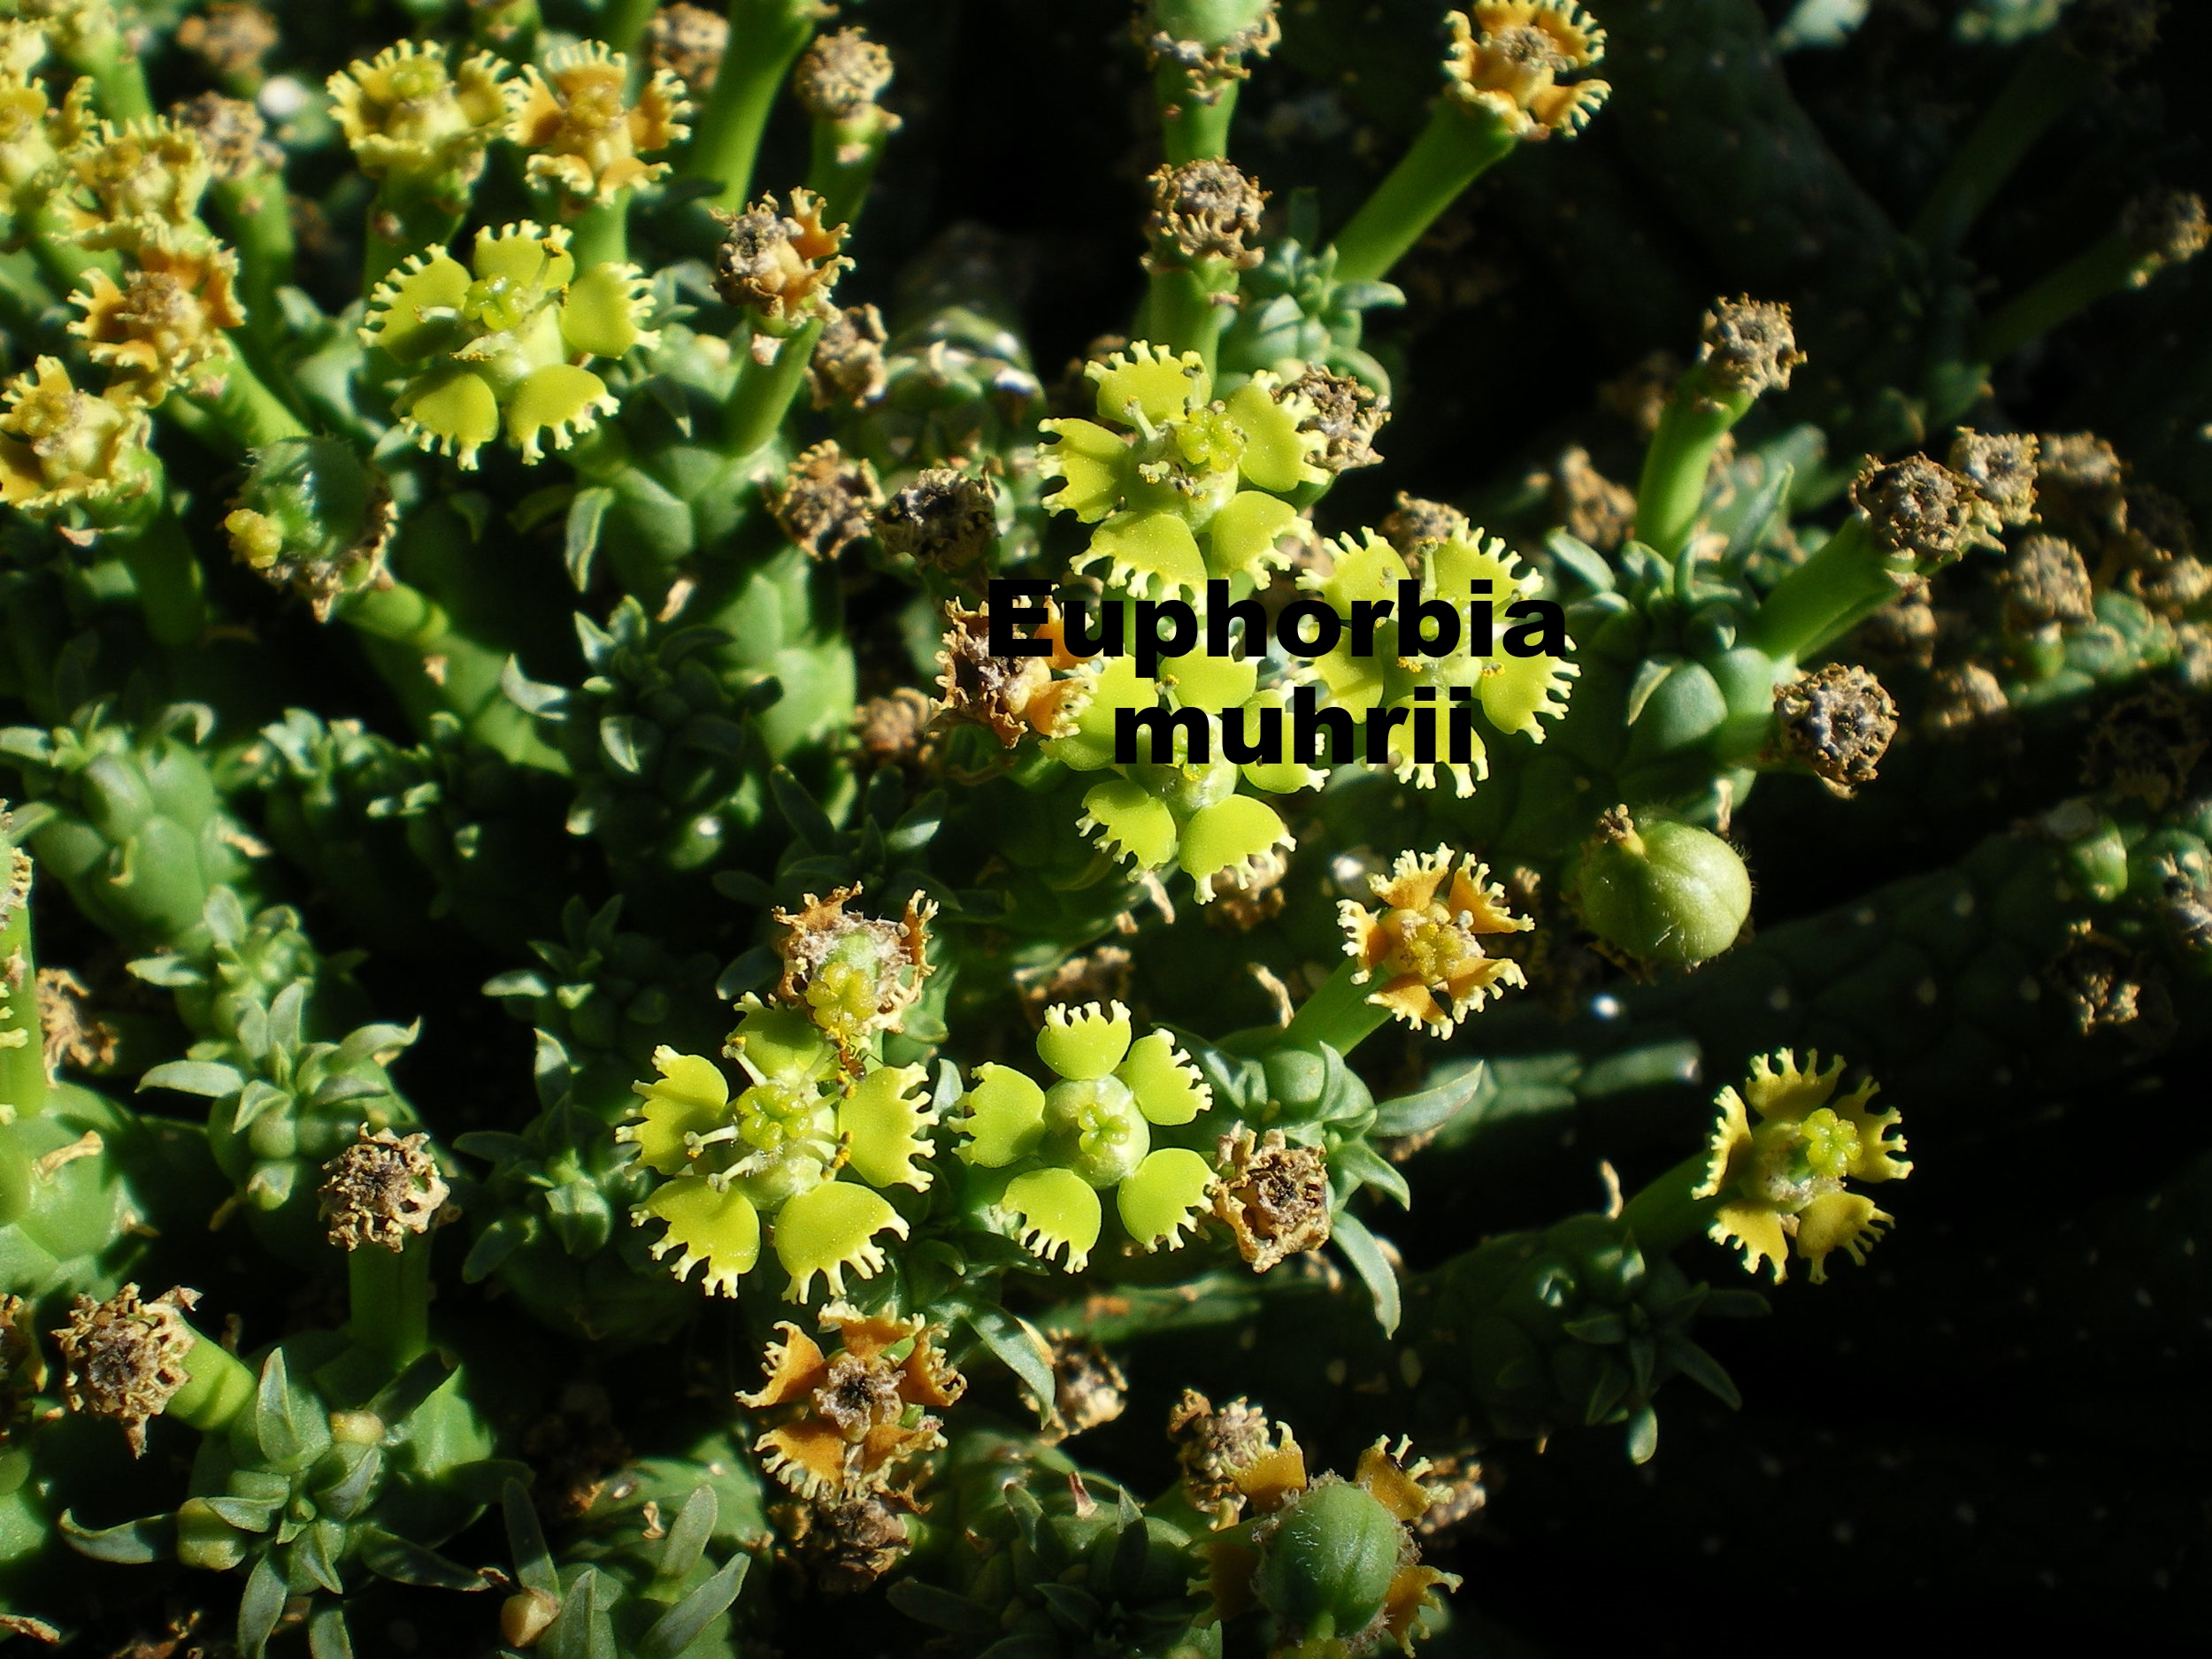 euphorbia muhrii.JPG